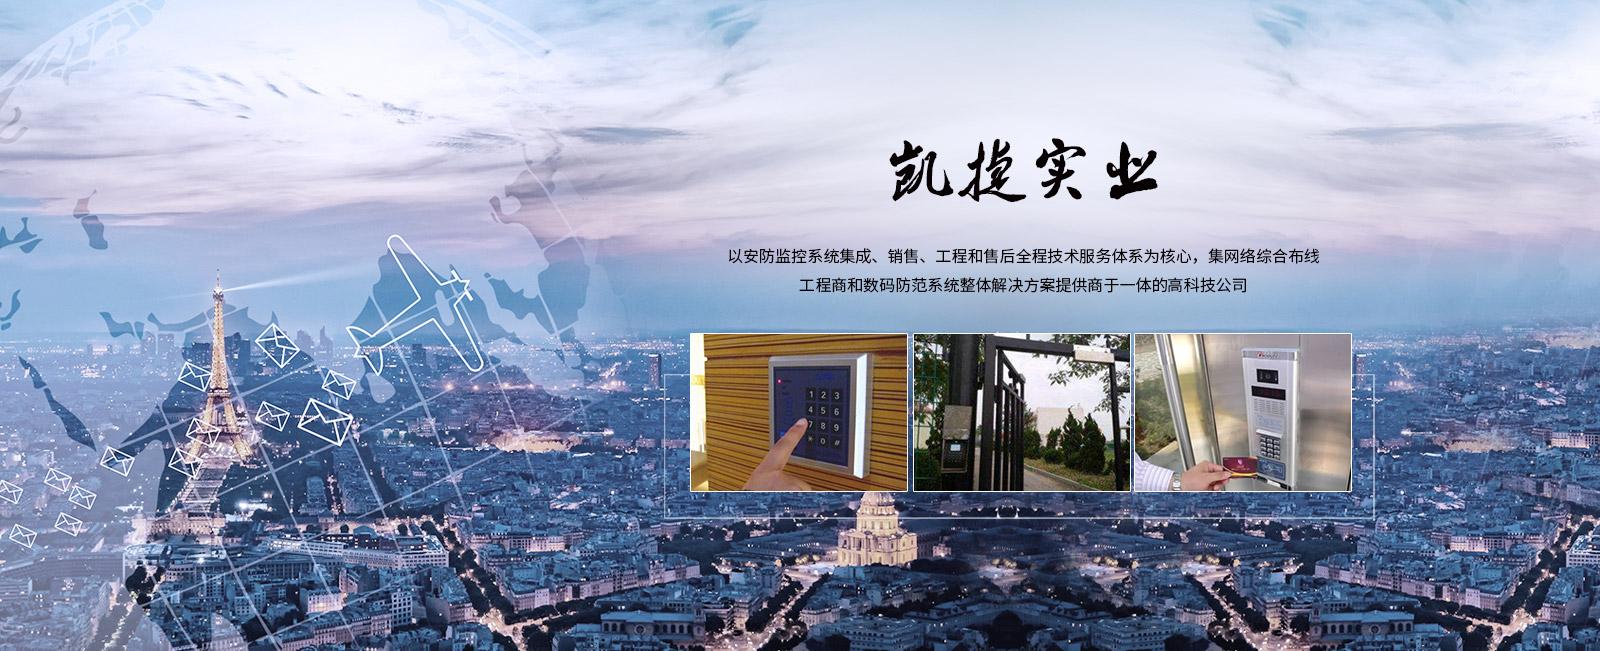 上海凯捷实业有限公司